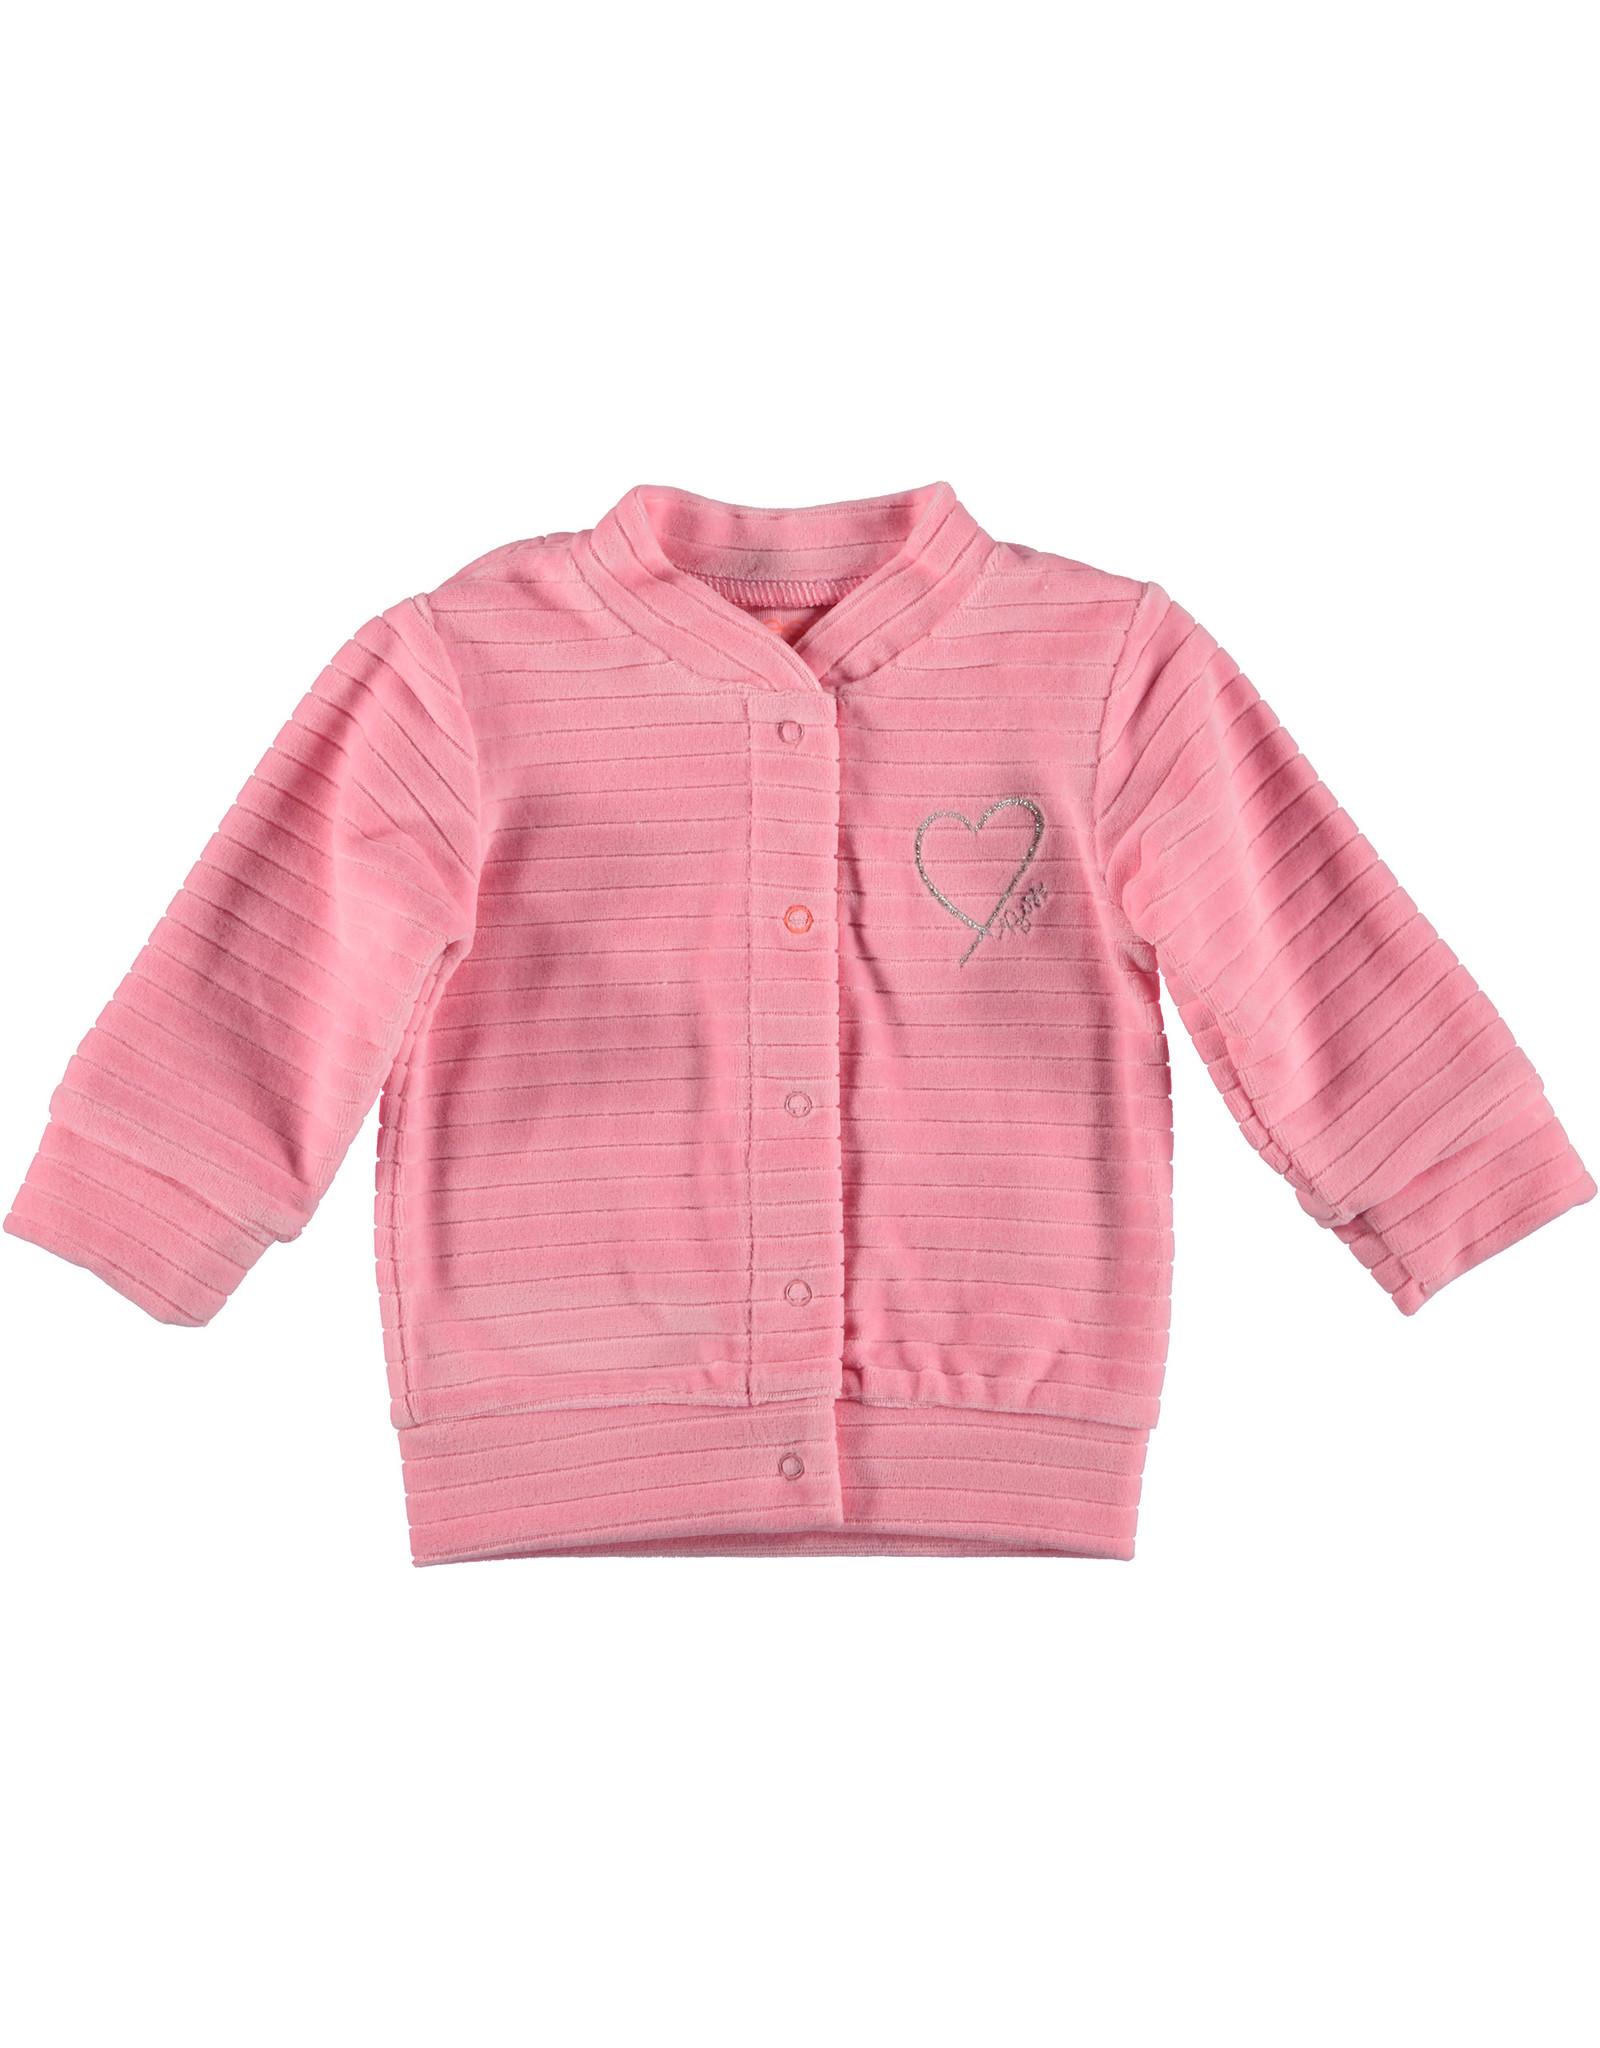 B.E.S.S. Cardigan Velvet Striped, Pink